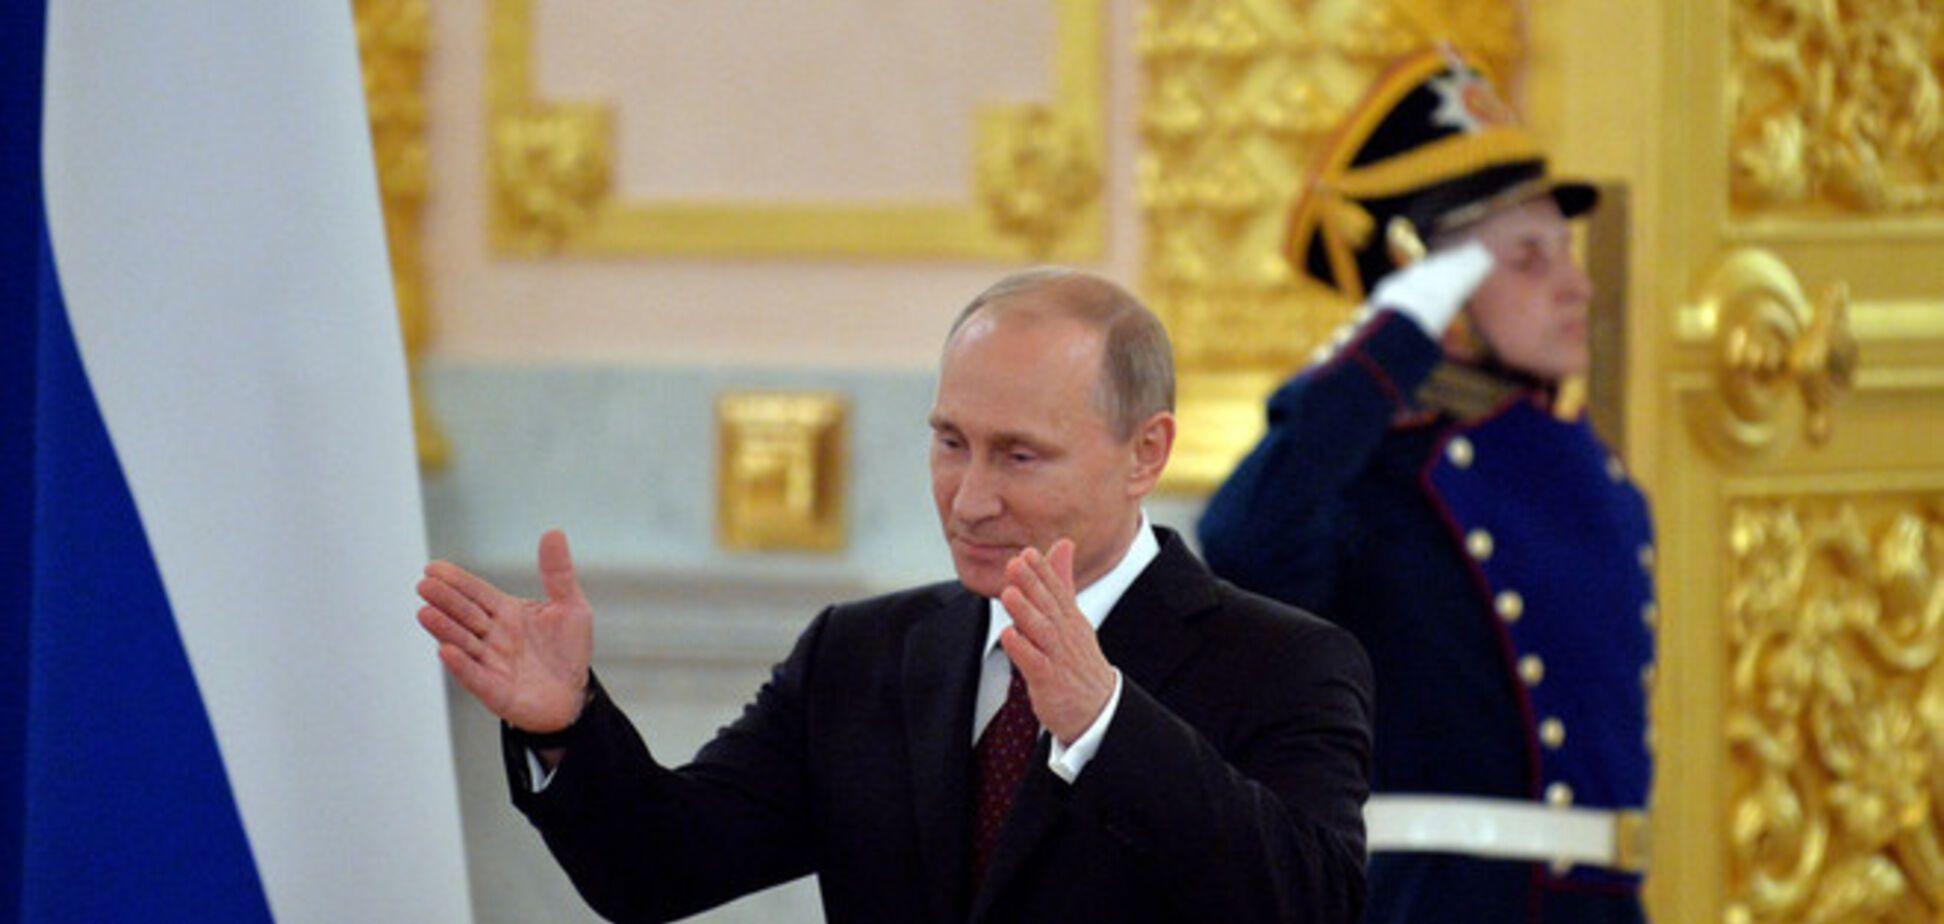 Путин поручил вписать аннексию Крыма в учебники по истории